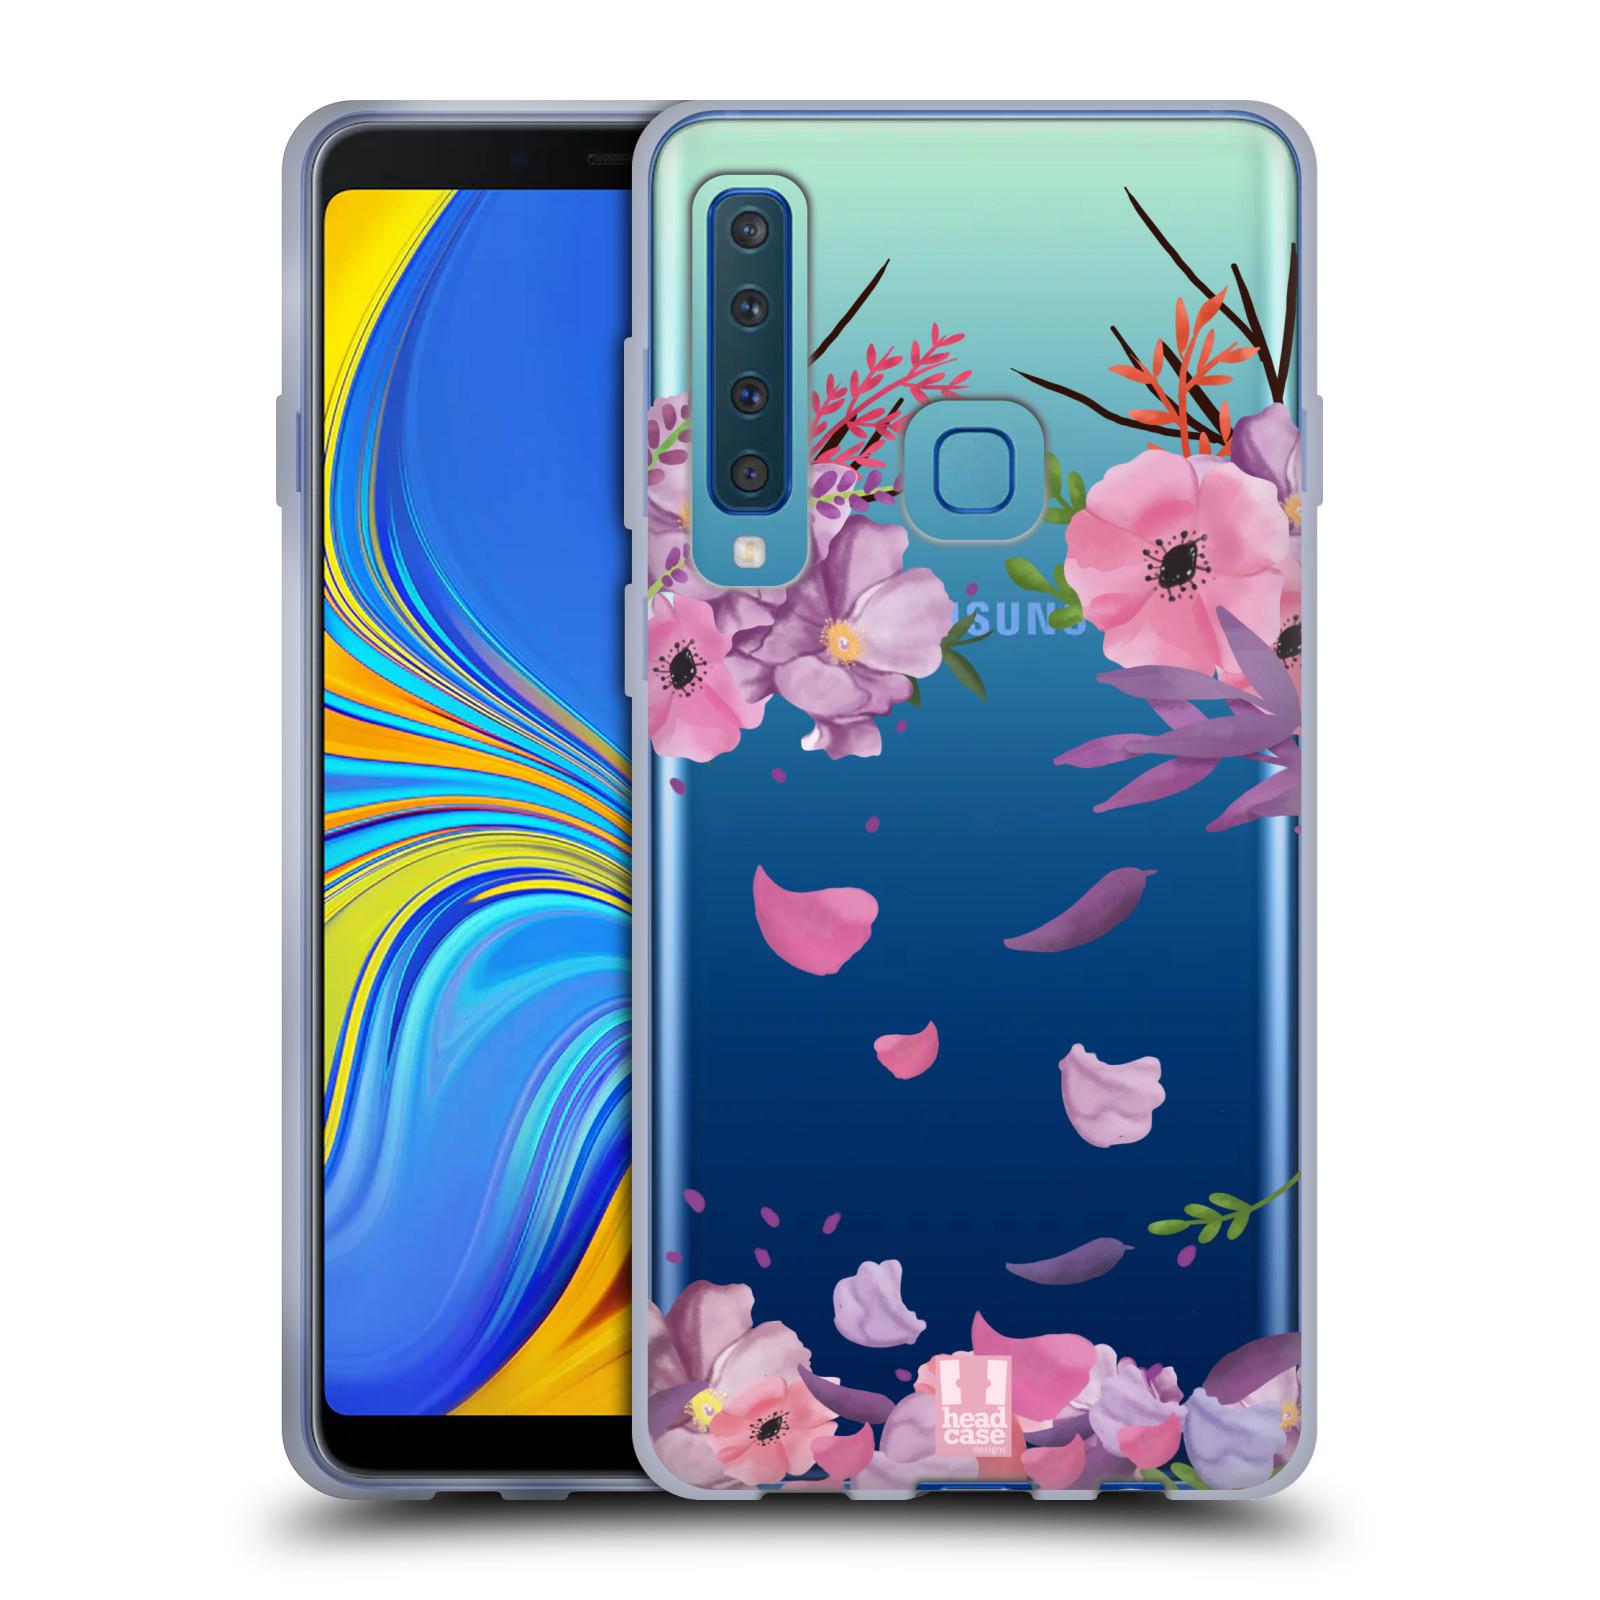 Silikonové pouzdro na mobil Samsung Galaxy A9 (2018) - Head Case - Okvětní lístky